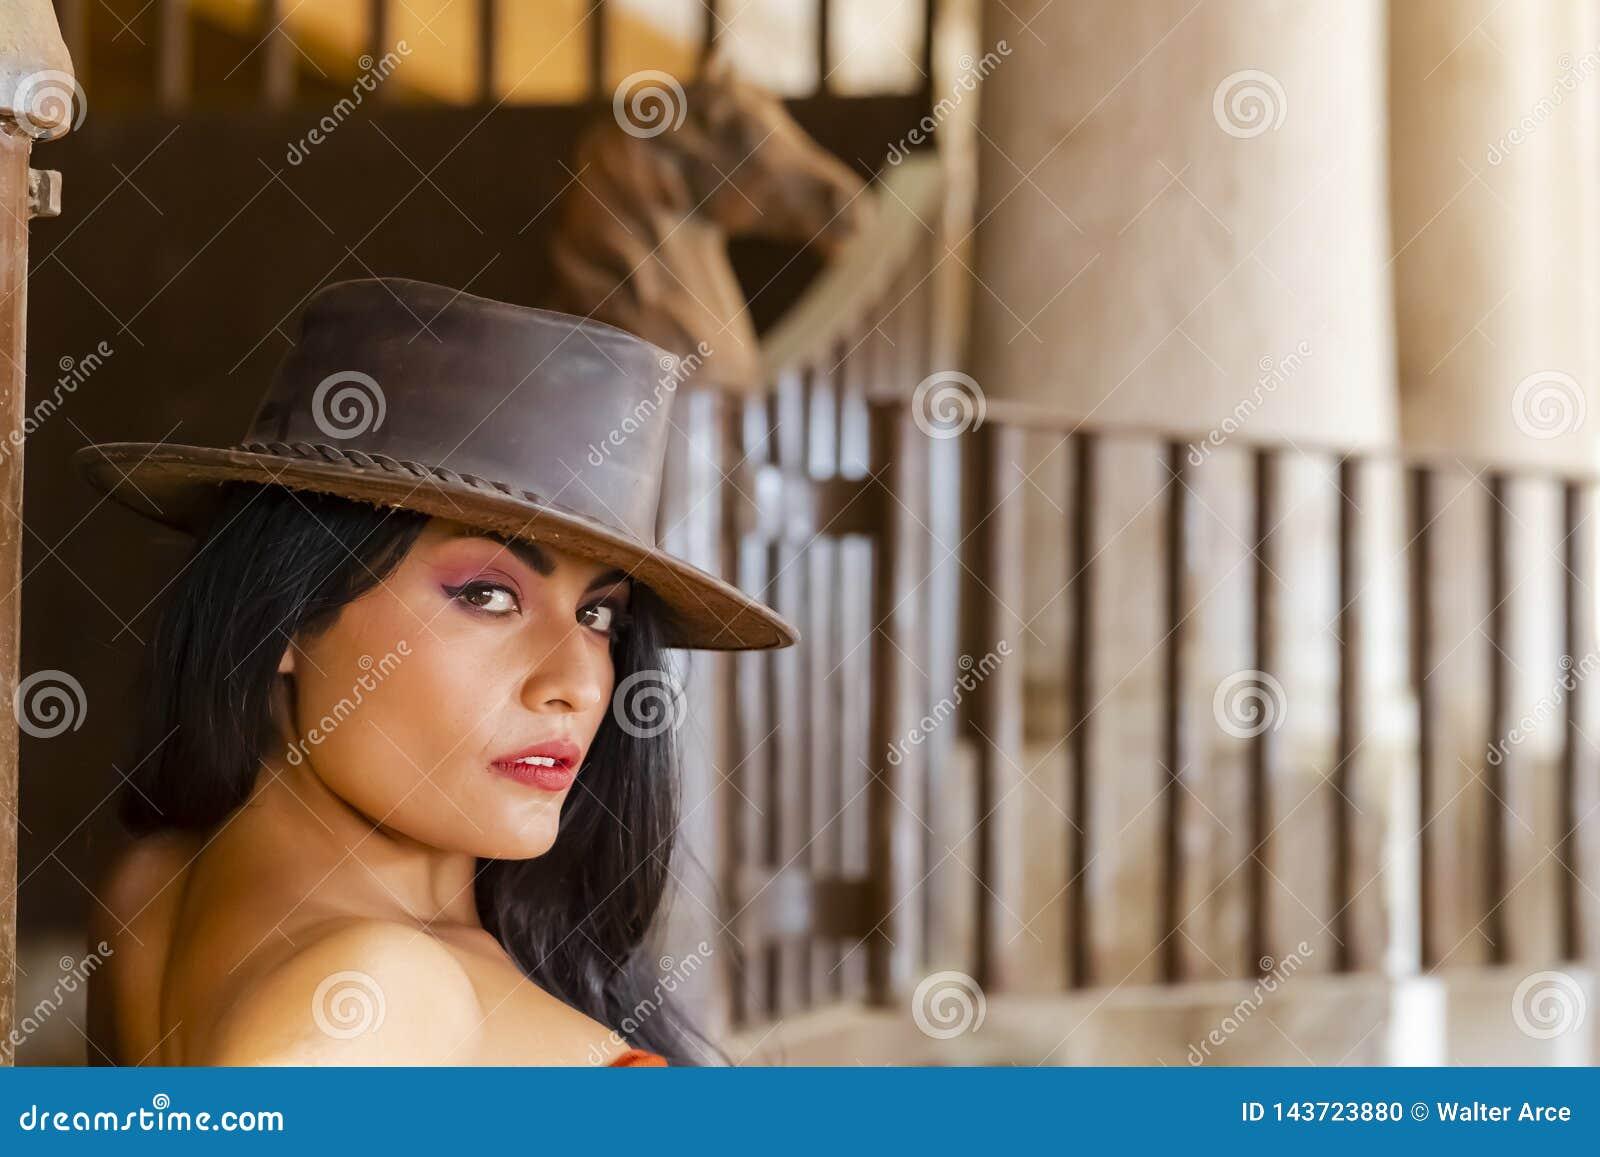 Un aria aperta castana ispana adorabile del cavallo di Poses With A del modello in un ambiente familiare